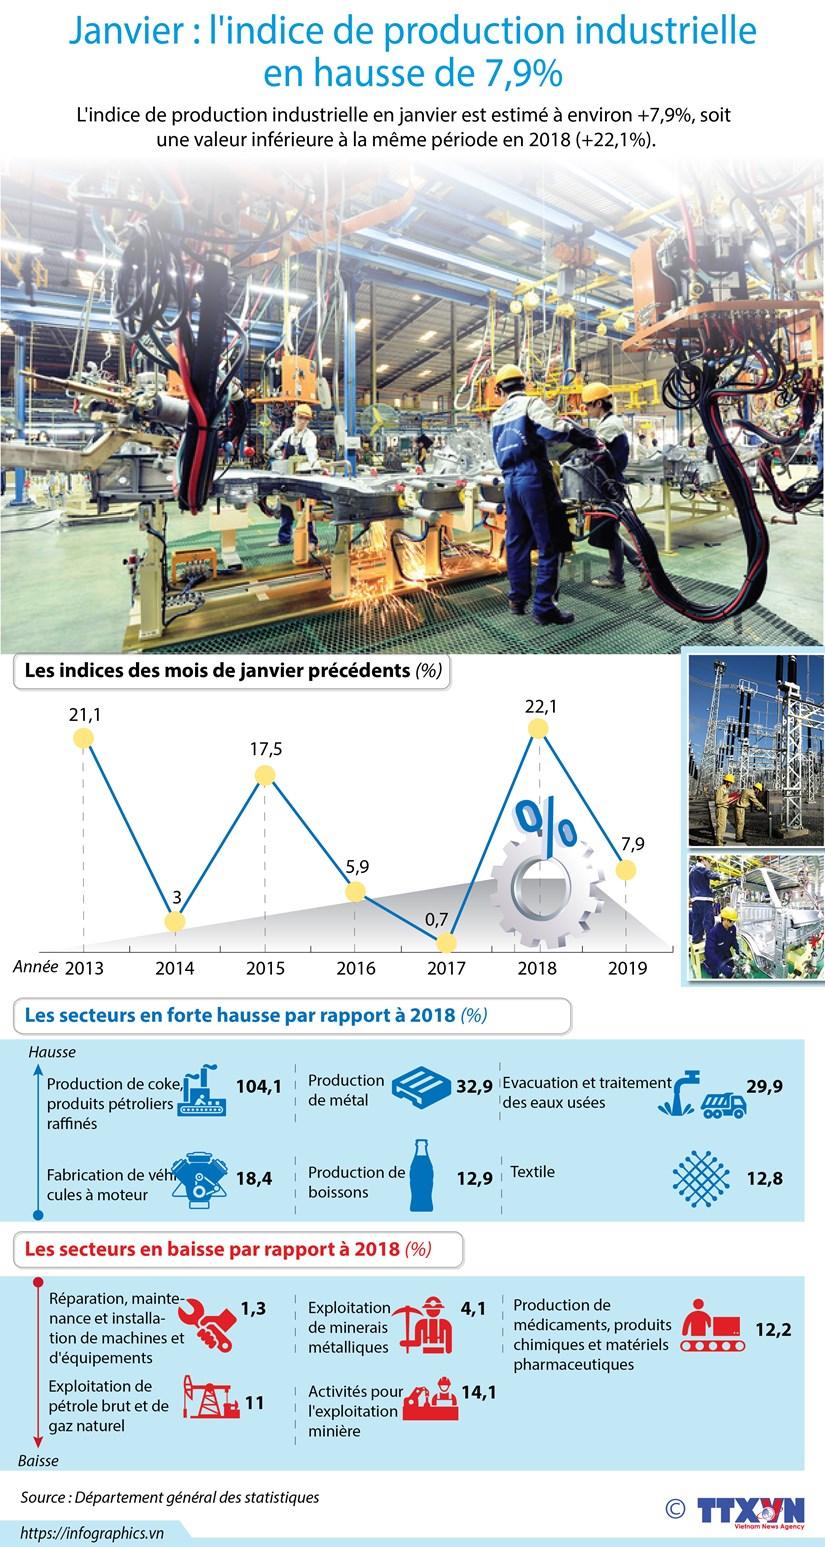 Janvier : l'indice de production industrielle en hausse de 7,9% hinh anh 1